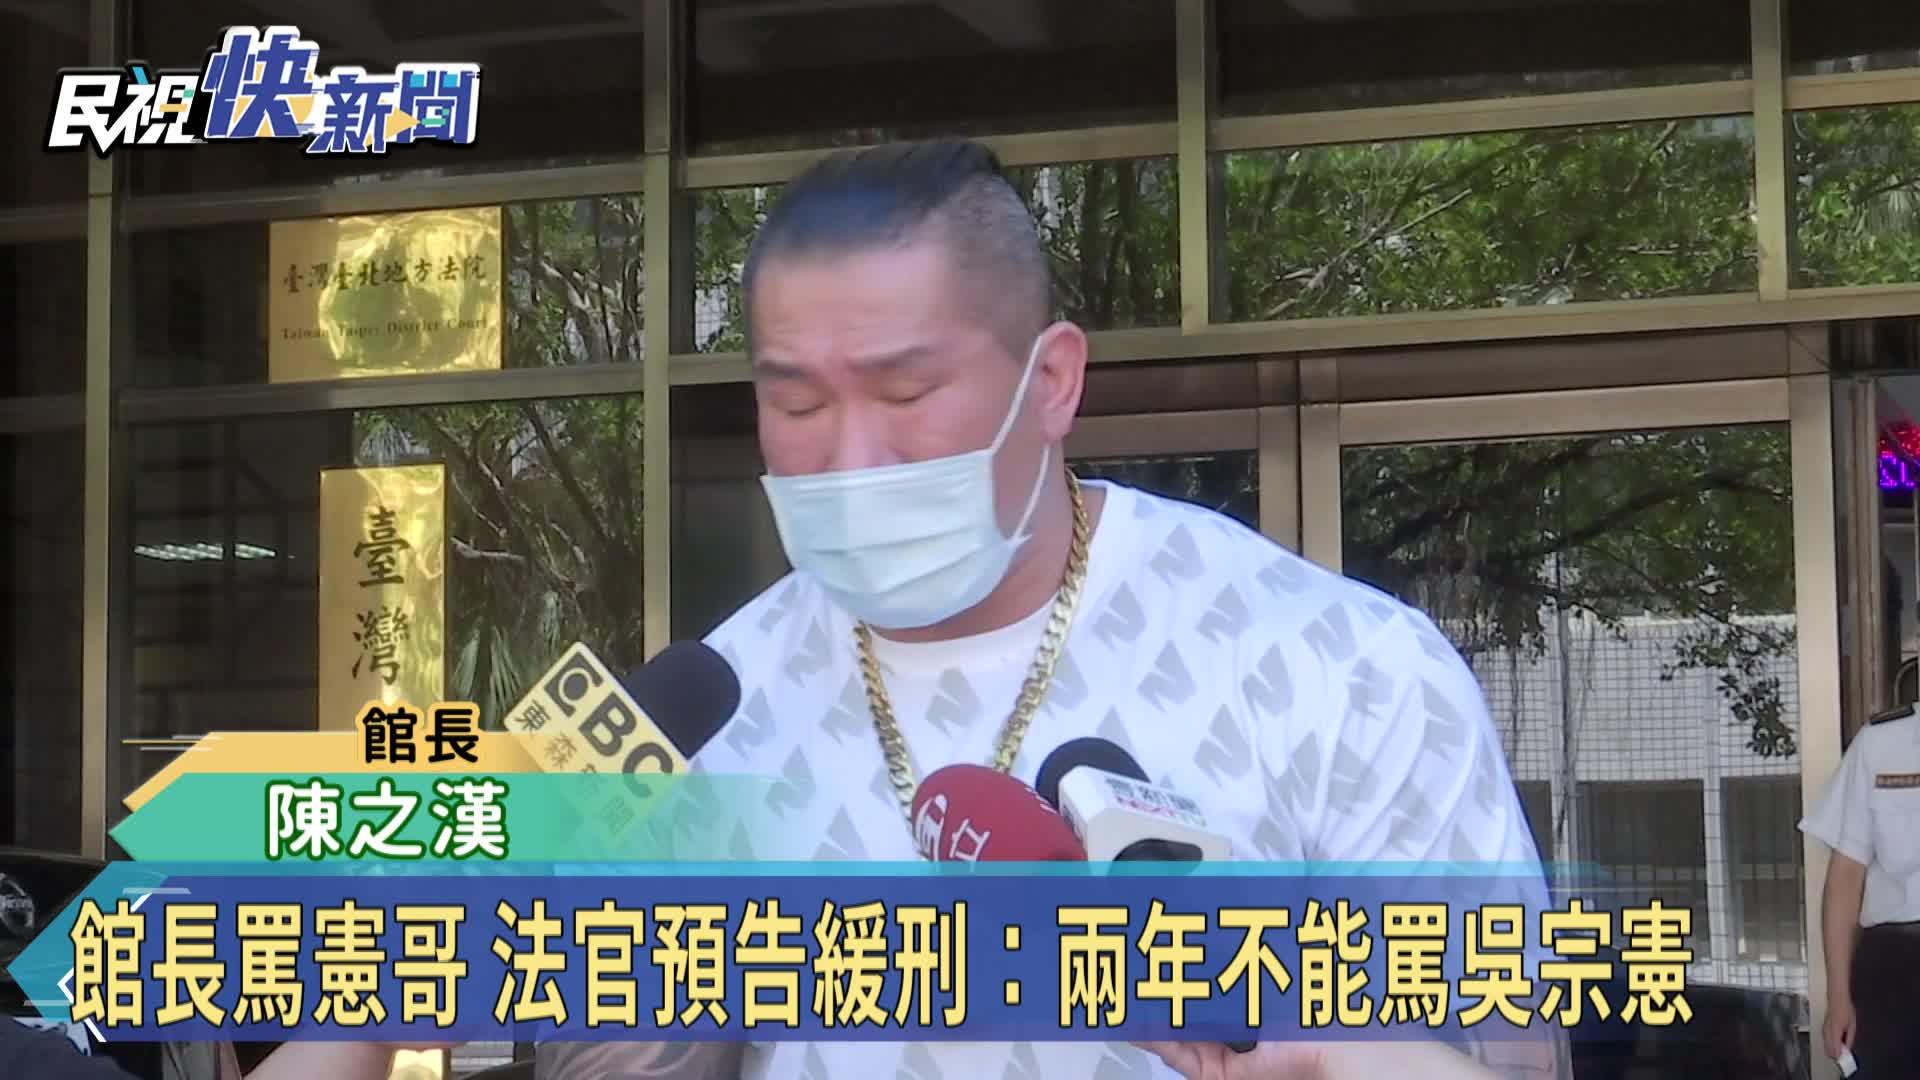 館長罵憲哥 法官預告緩刑:兩年不能罵吳宗憲